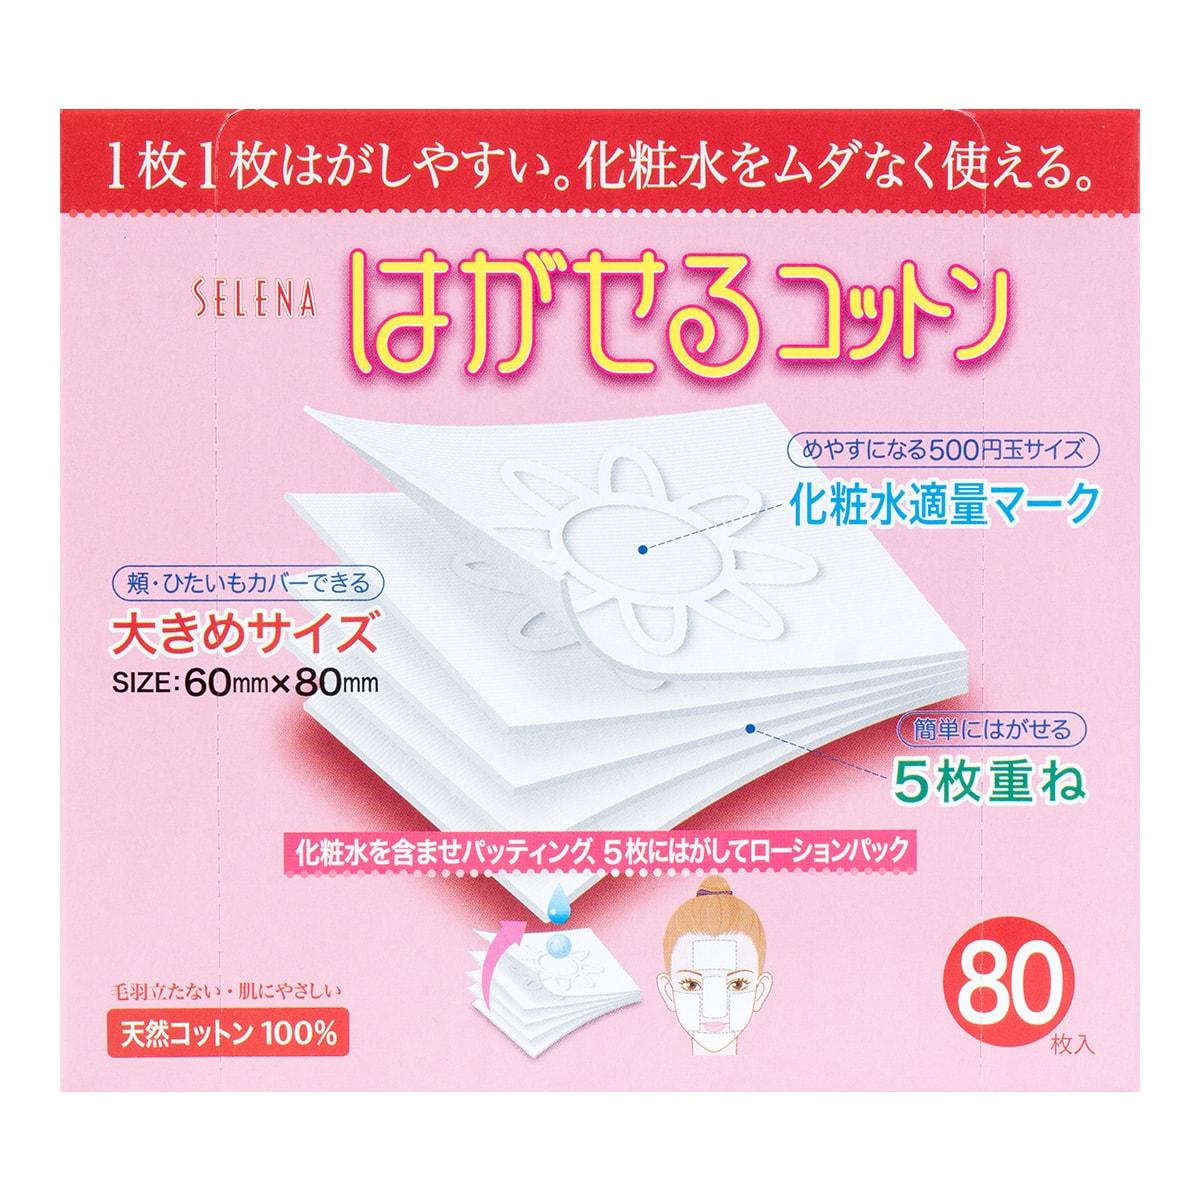 日本SELENA丸三 五层可撕型敷面化妆棉 80枚入 怎么样 - 亚米网